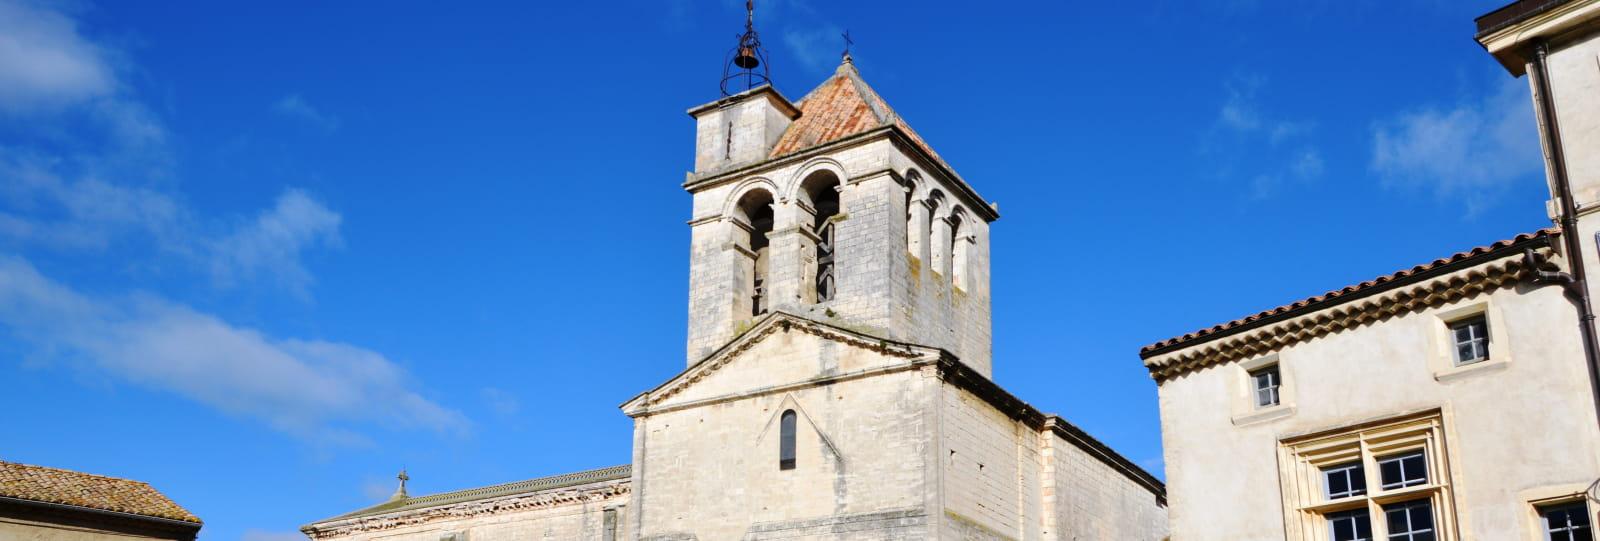 Circuit découverte du centre ancien de Saint Paul Trois Châteaux